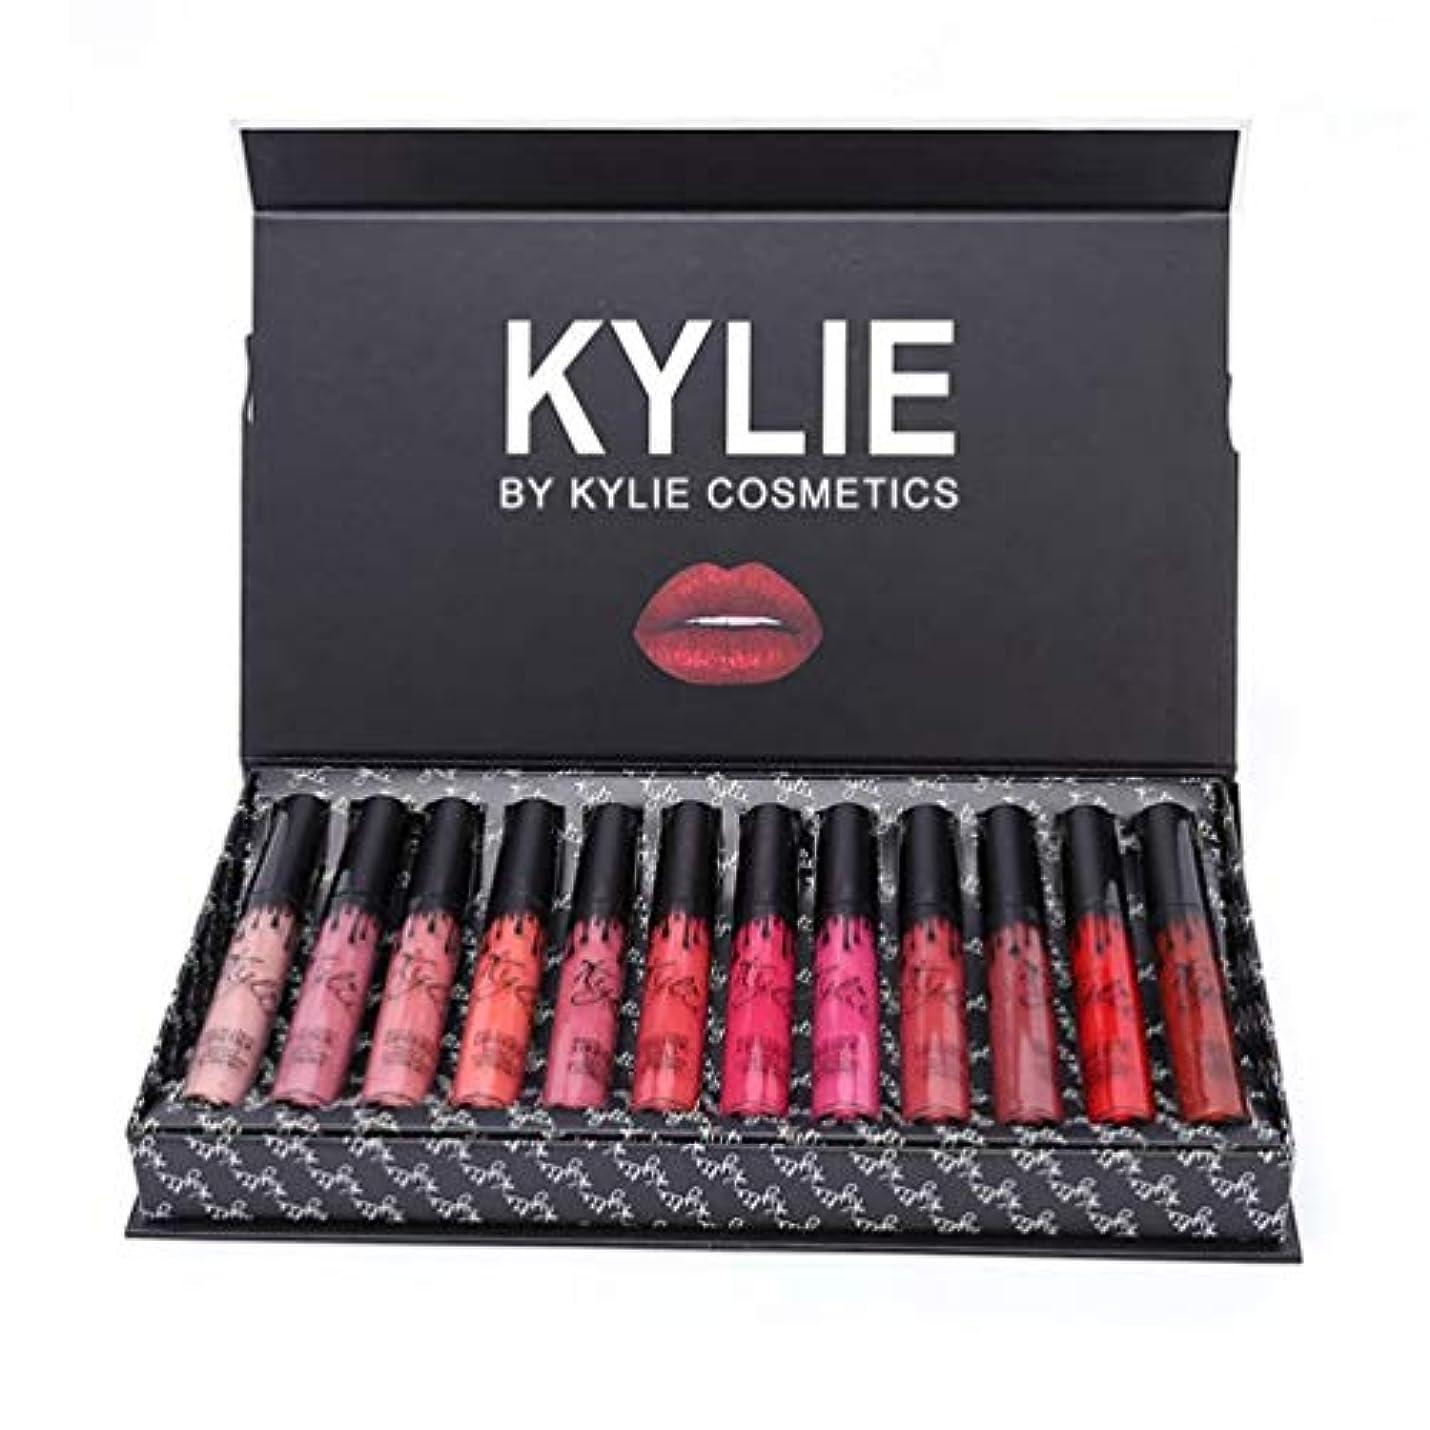 ブルーベル嫌な主婦Kylie 12ピース/色ポータブルマット口紅キット保湿リップルージュ女性化粧品リップメイクアップギフトセット - 12色